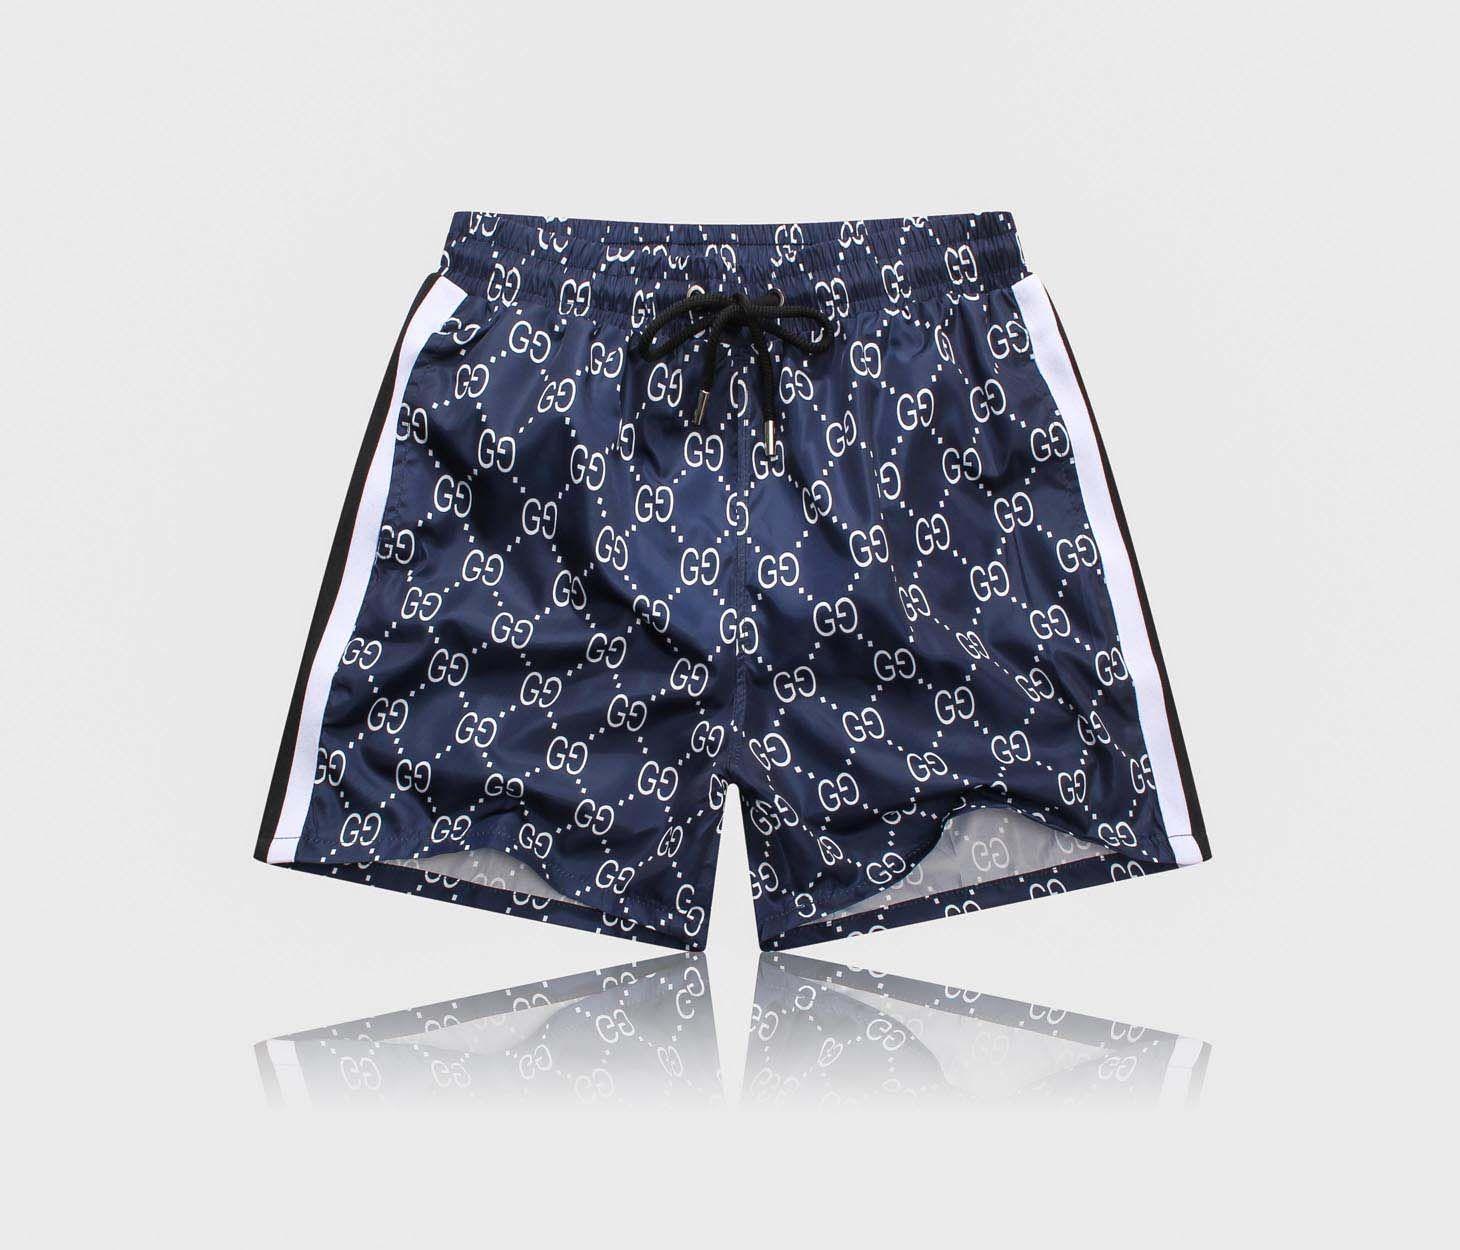 2019Fashion Designer D2 Shorts Mens casuali della spiaggia bicchierini di marca Pantaloni corti Uomo Intimo bicchierini del bordo di lusso del Mens di usura di estate